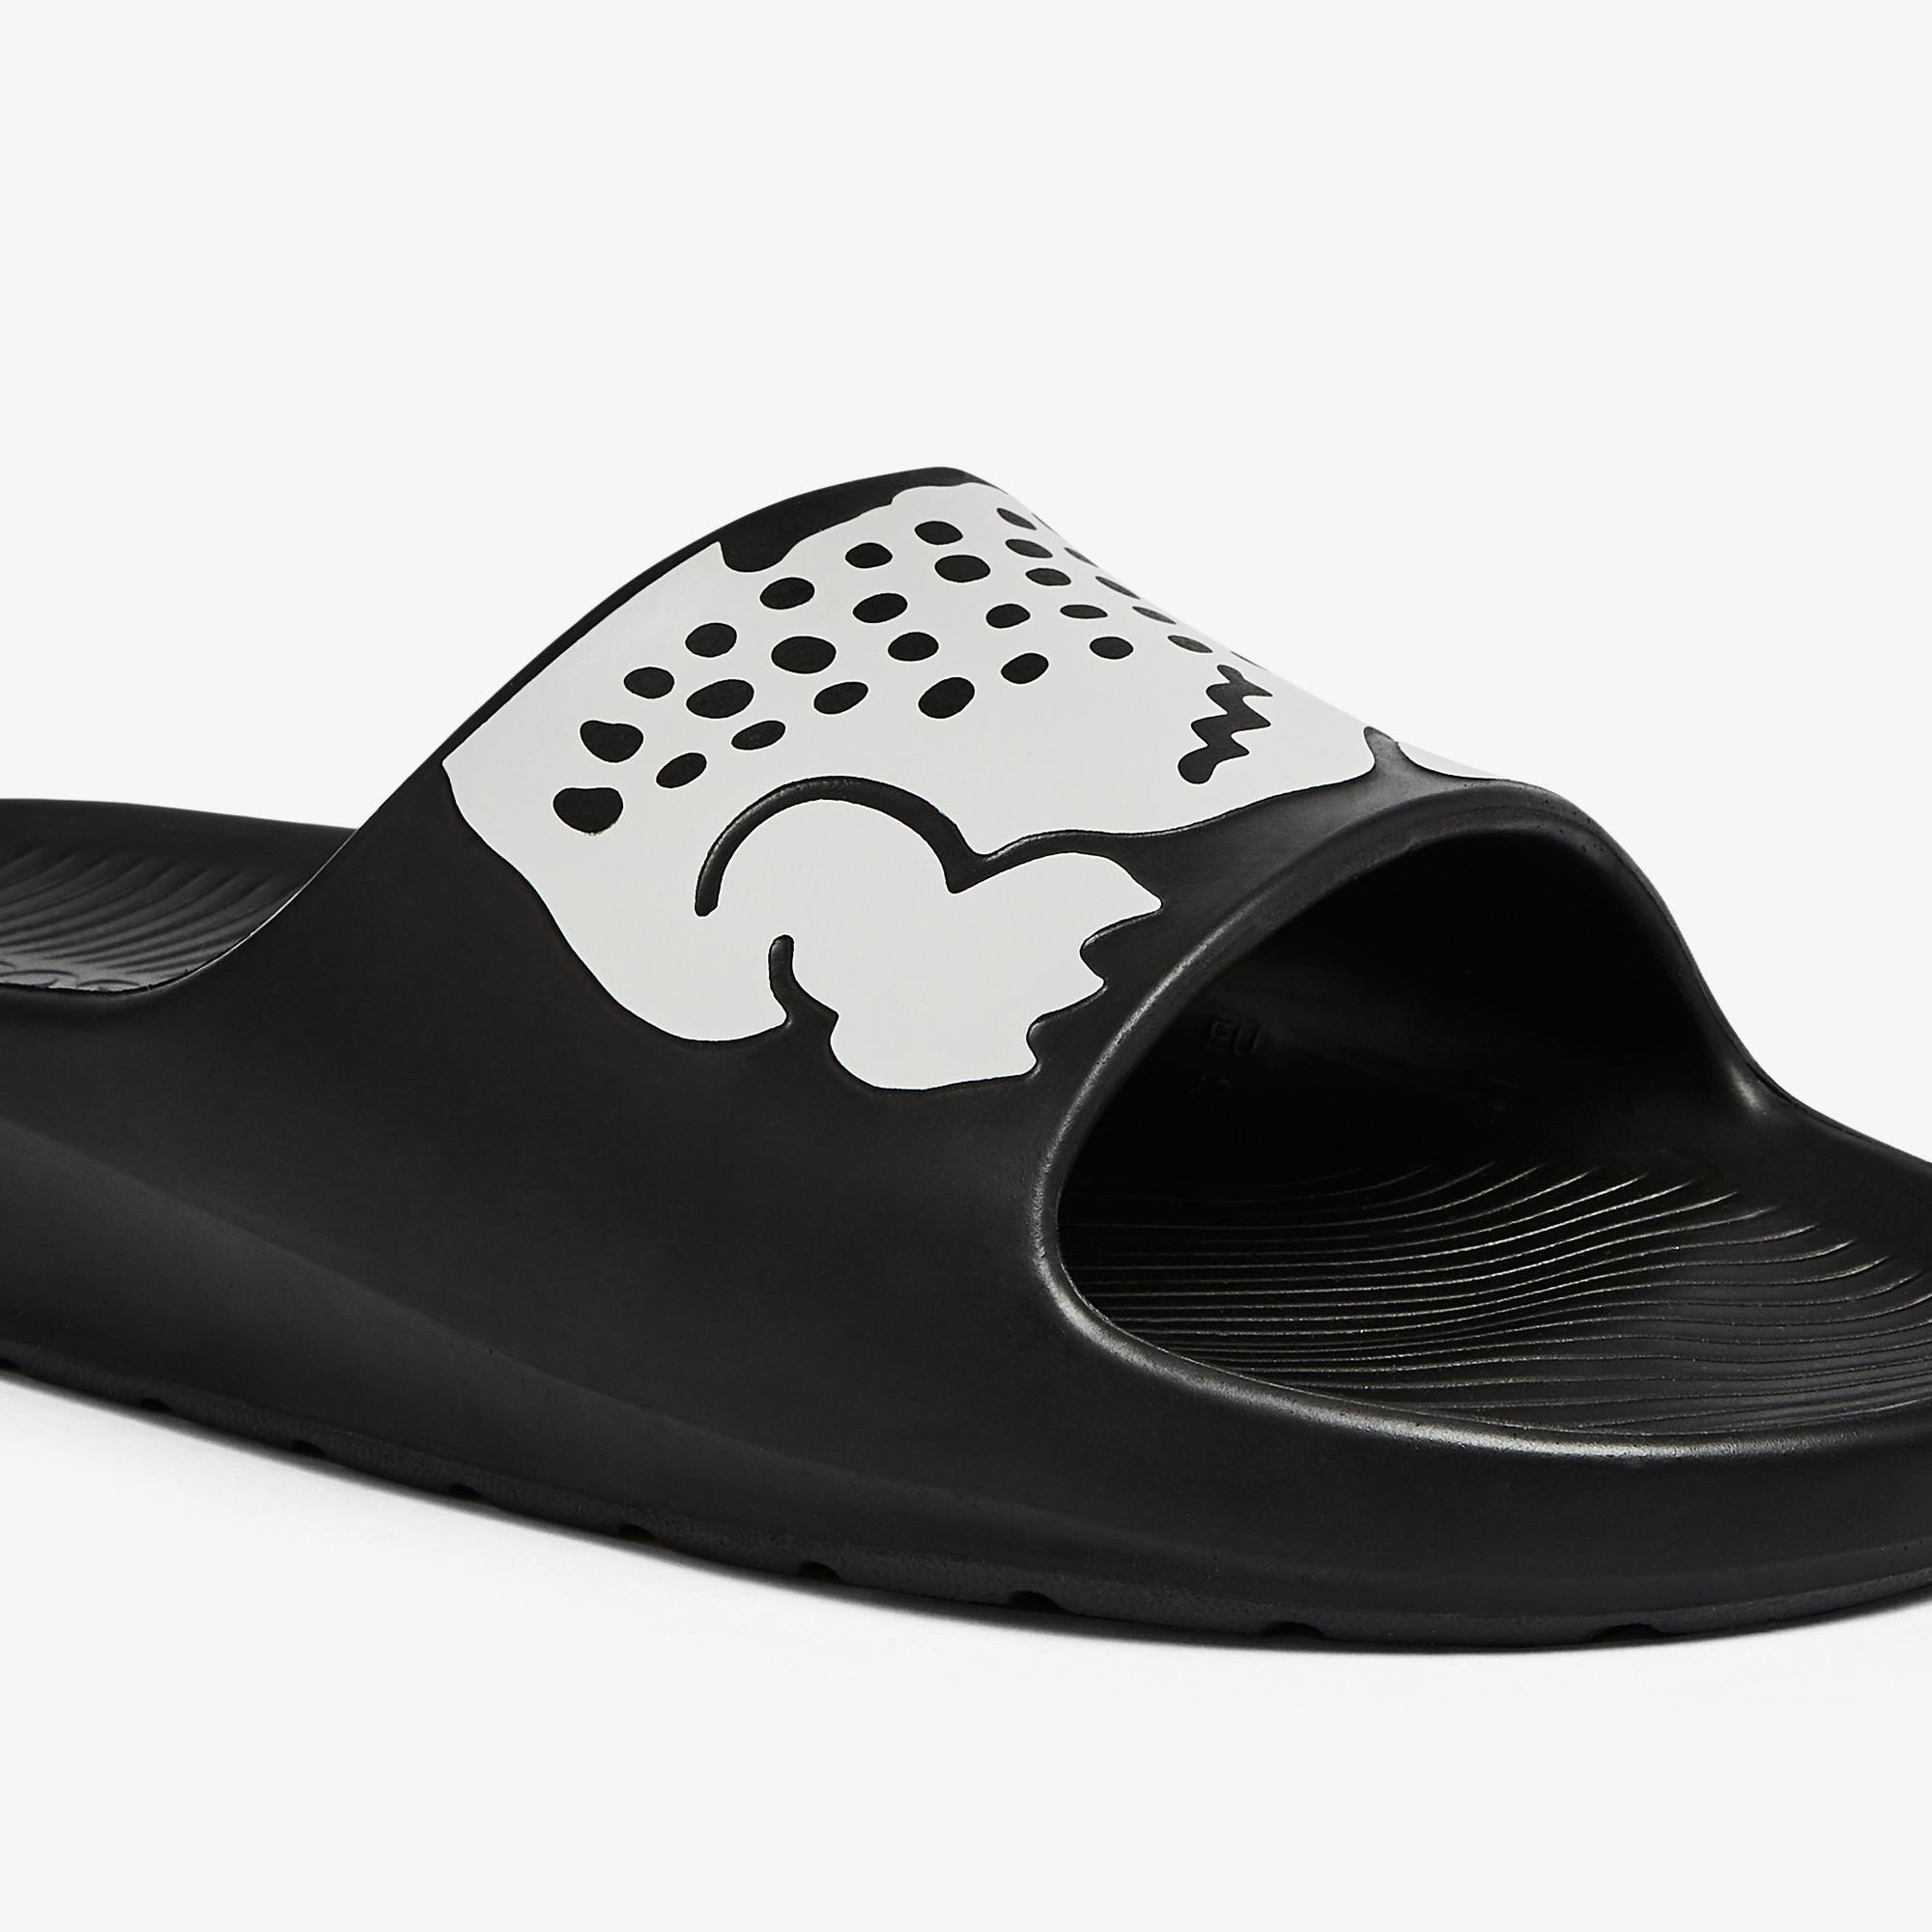 Lacoste Croco 2.0 0721 2 Cma Erkek Siyah - Beyaz Terlik